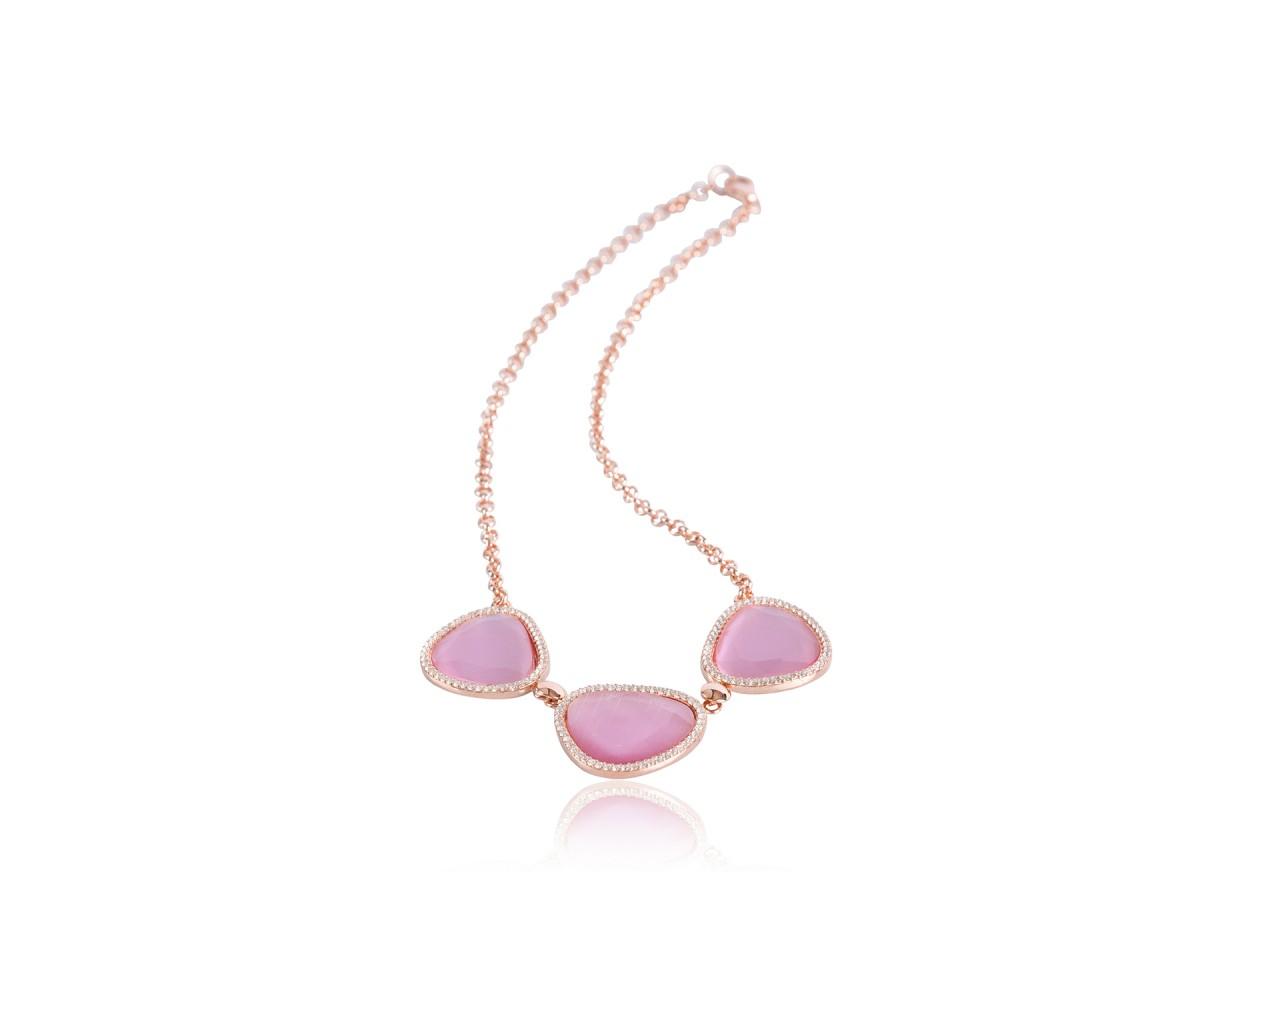 Collana in argento con finitura rosè e pietre di color rosa